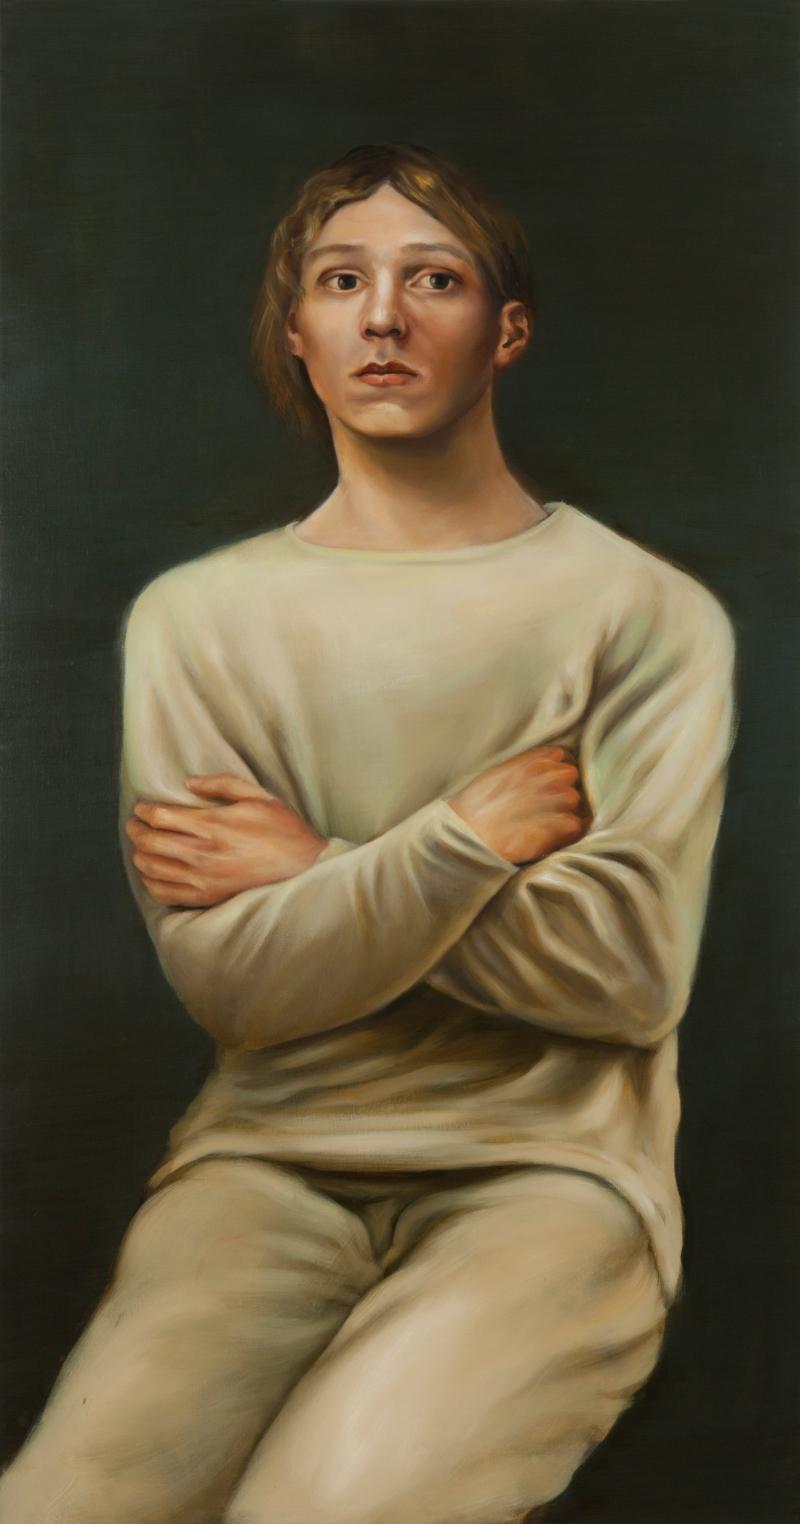 S.T.P. 2014 Huile et acrylique sur panneau 122 x 63,5 cm Courtesy Galerie Nathalie Obadia